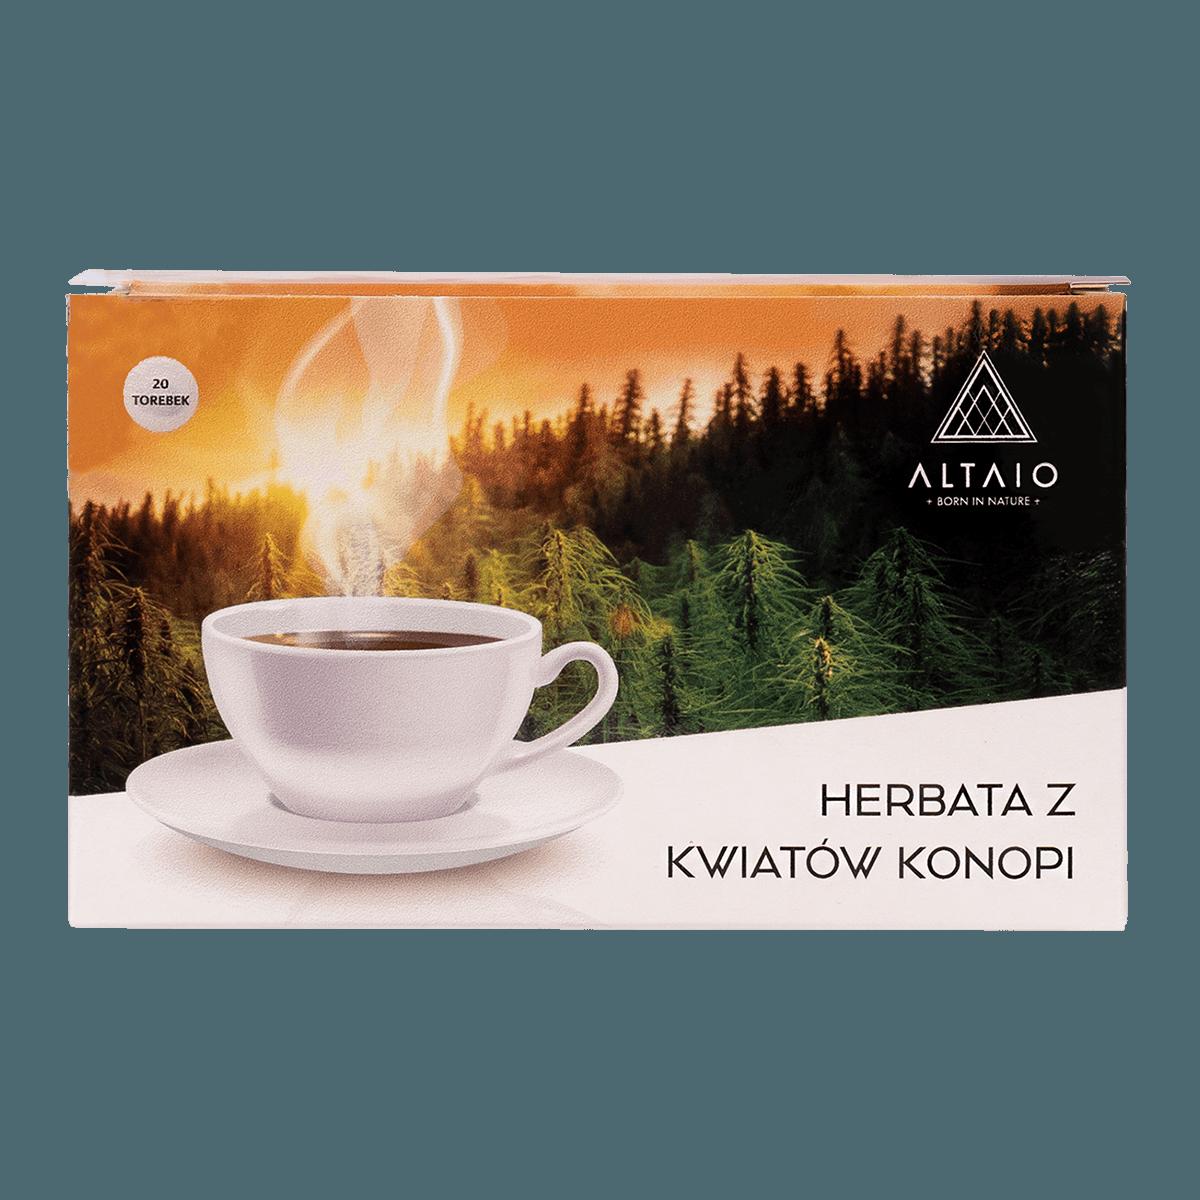 ALTAIO herbata konopna z kwiatów konopi 20 saszetek